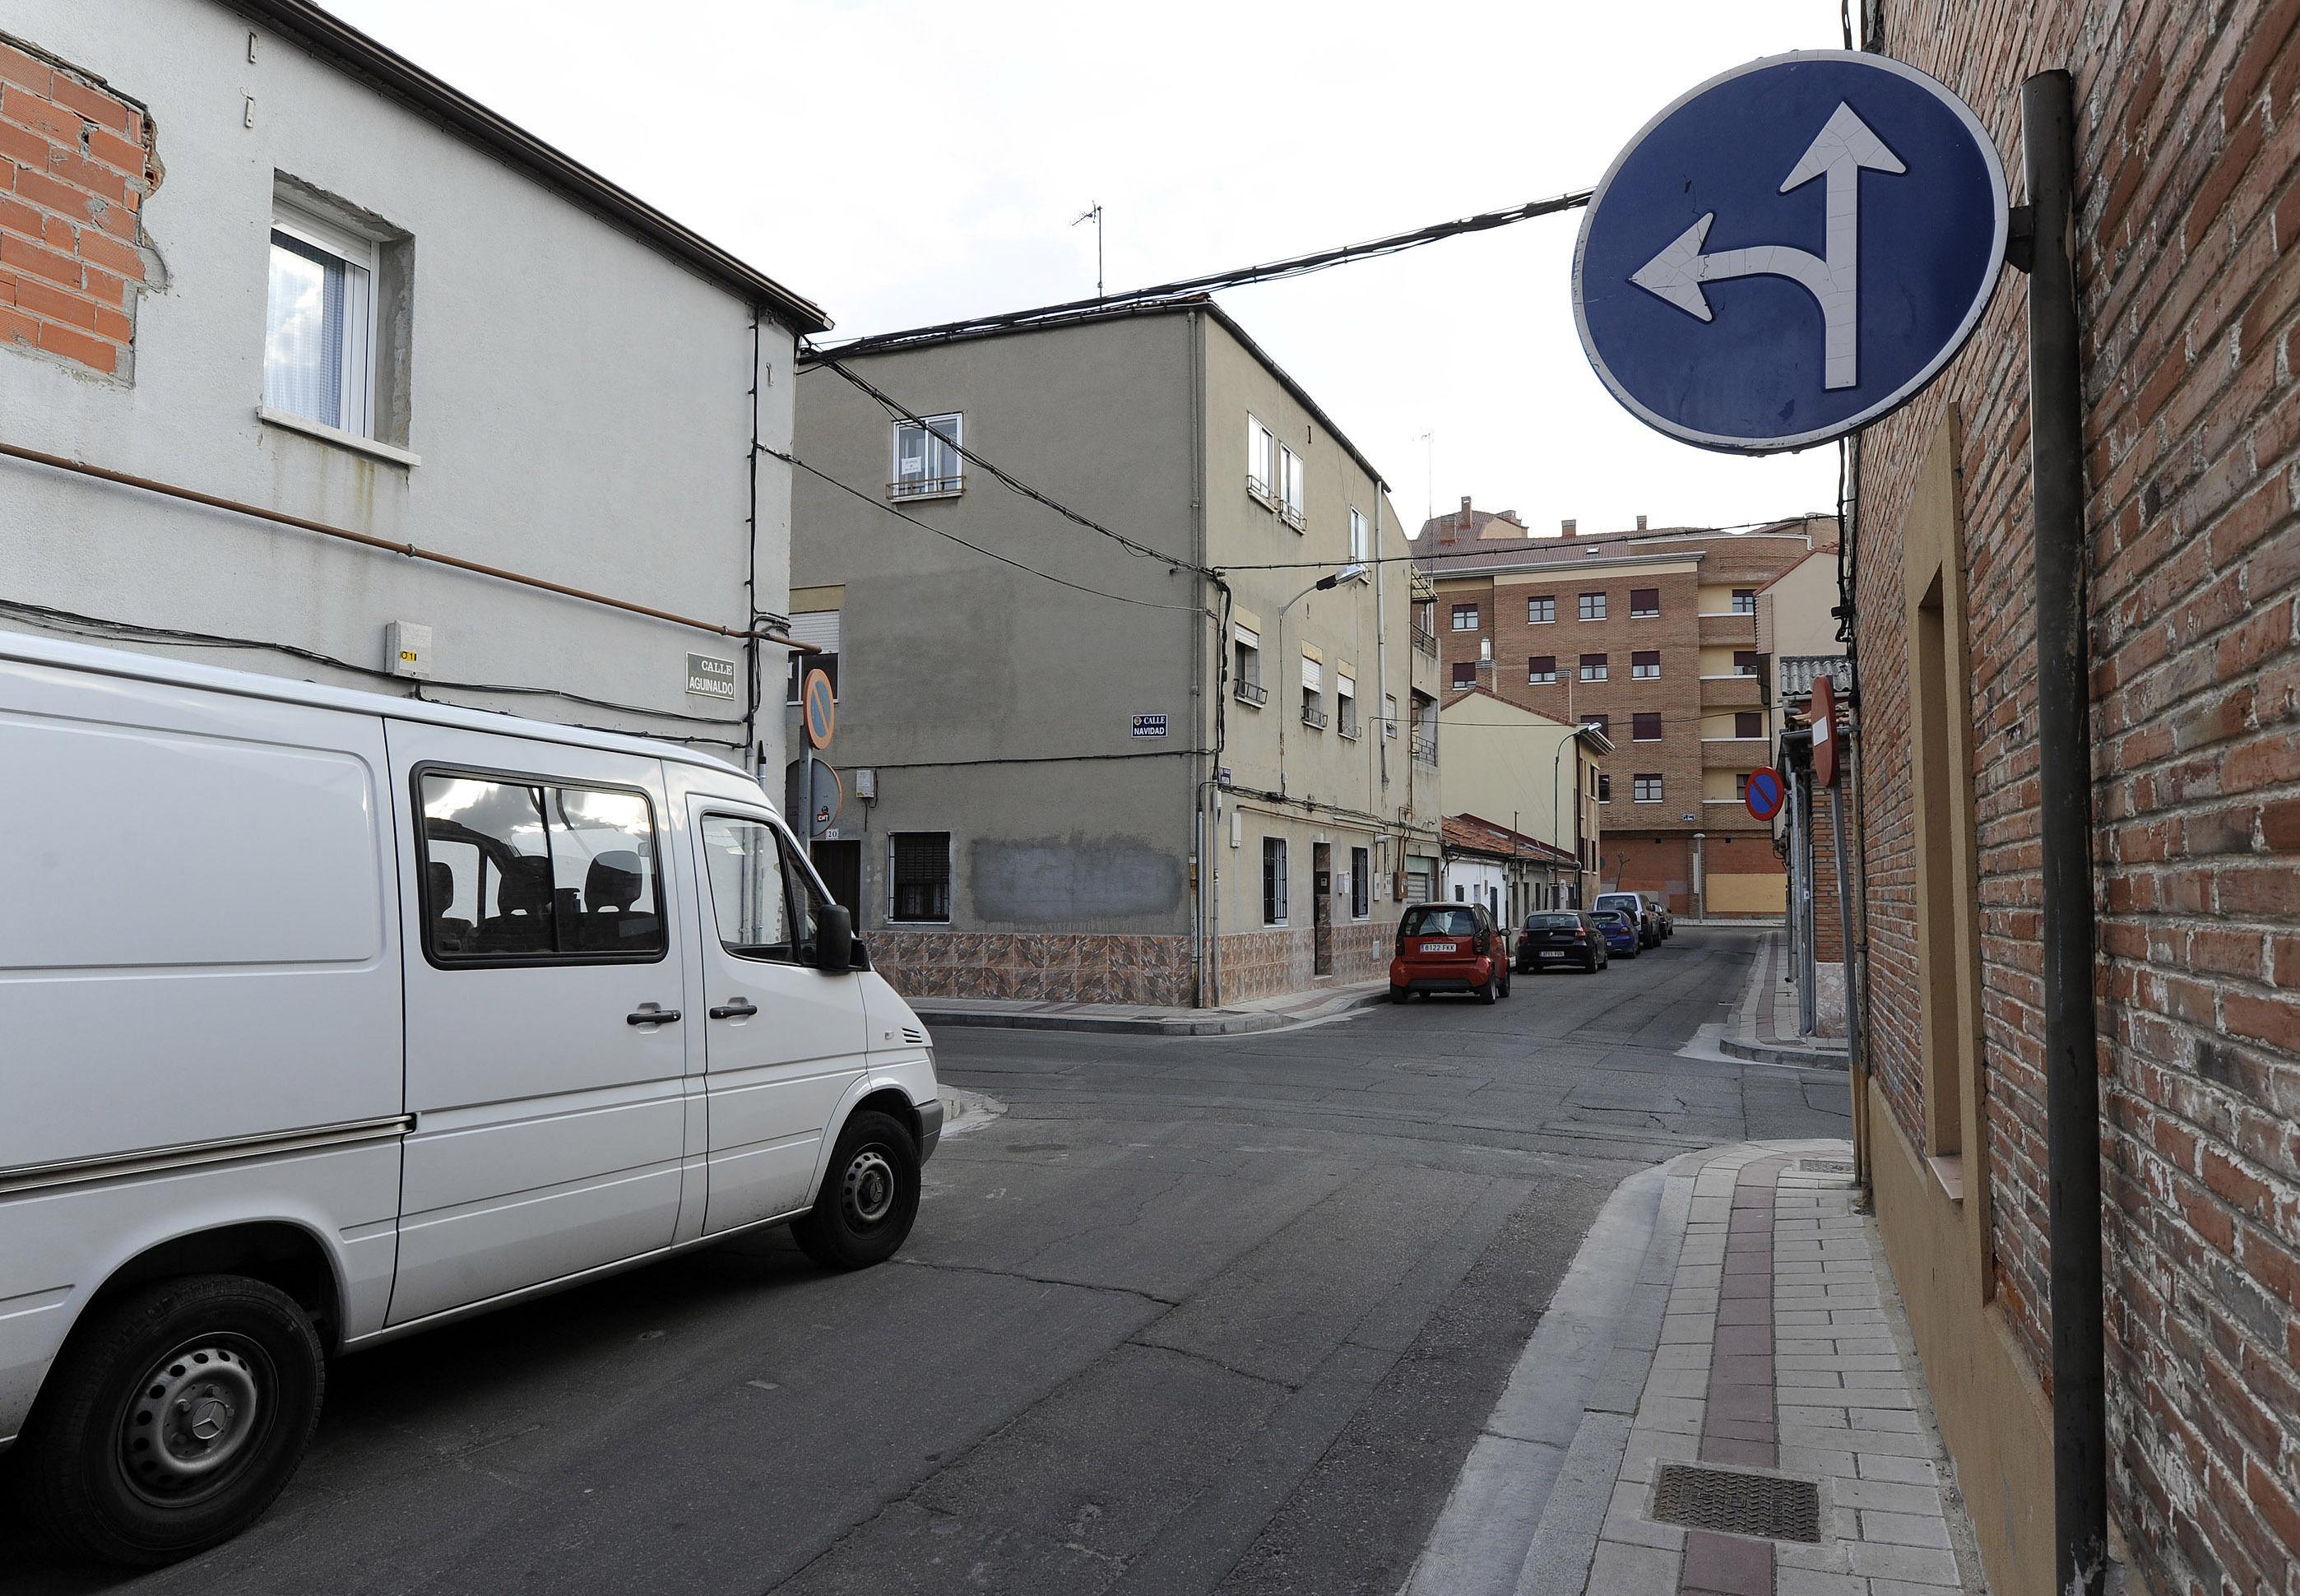 Condena de 1,5 años de cárcel un traficante del barrio de Belén de Valladolid